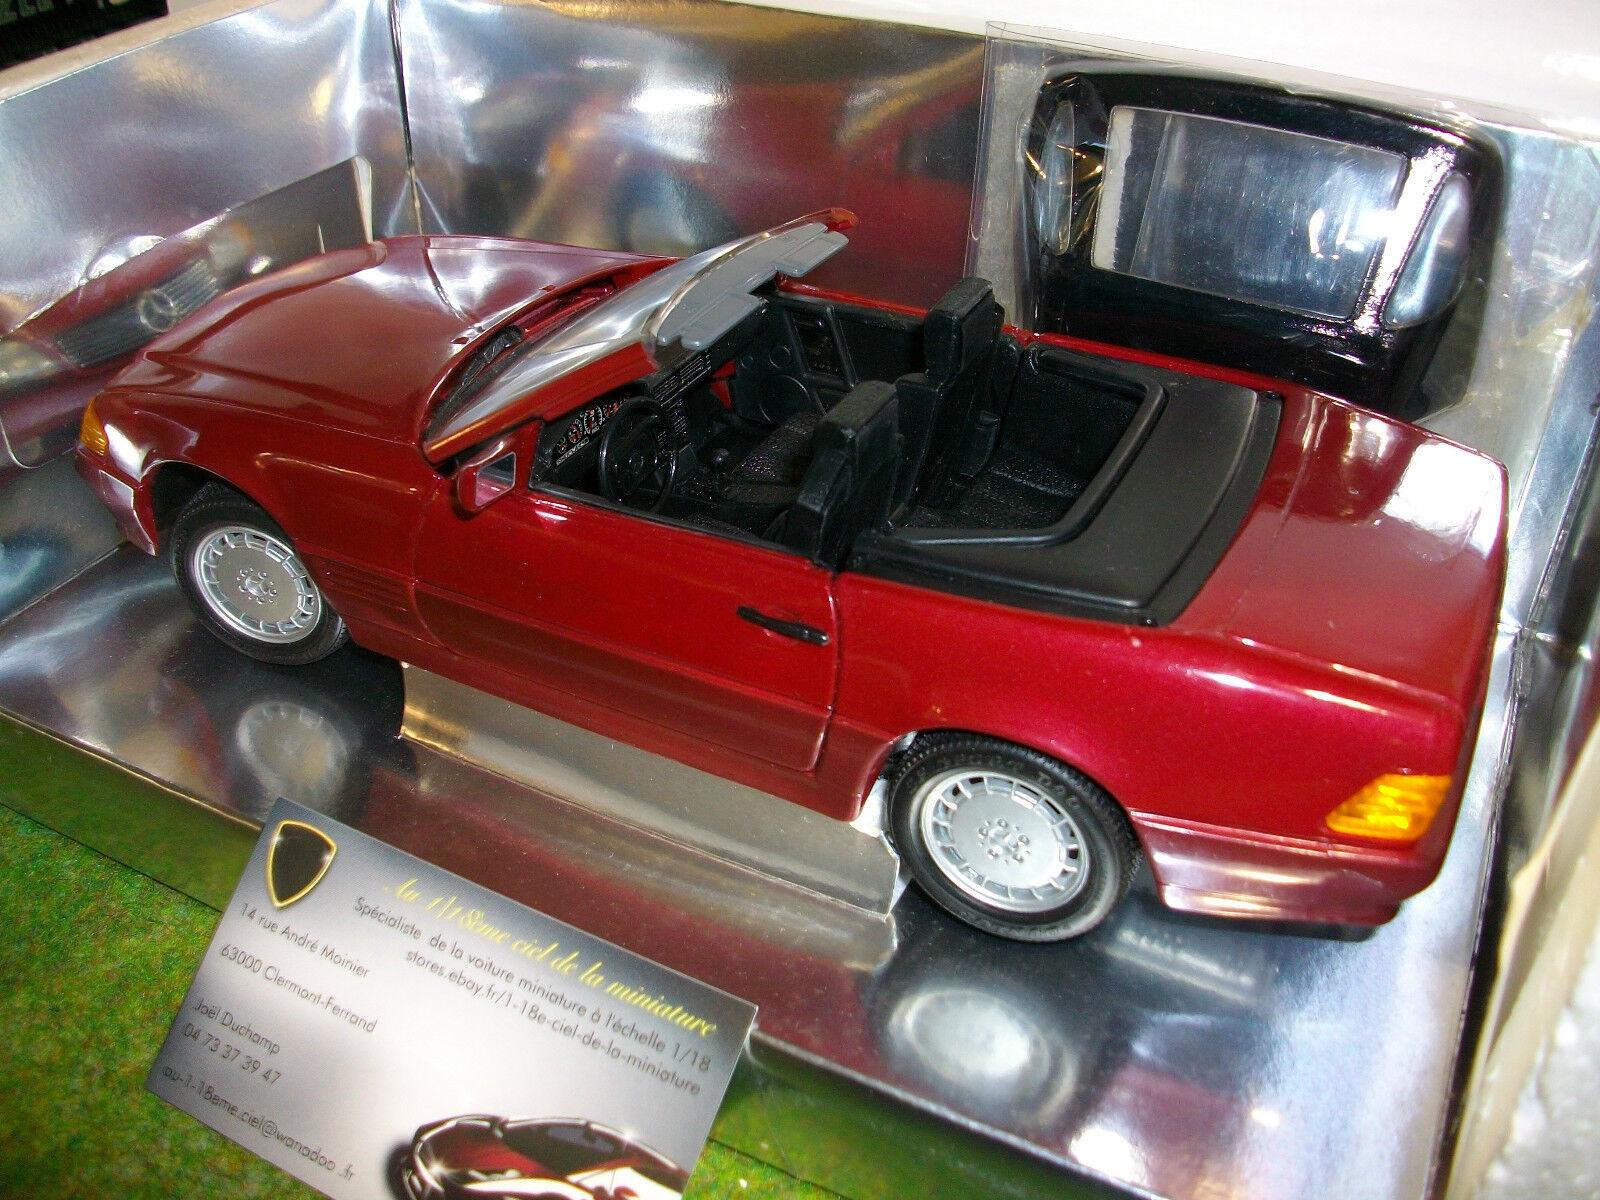 MERCEDES 500 SL 32 CONGrünIBLE CABRIOLET 1 18 REVELL 8801 voiture miniature